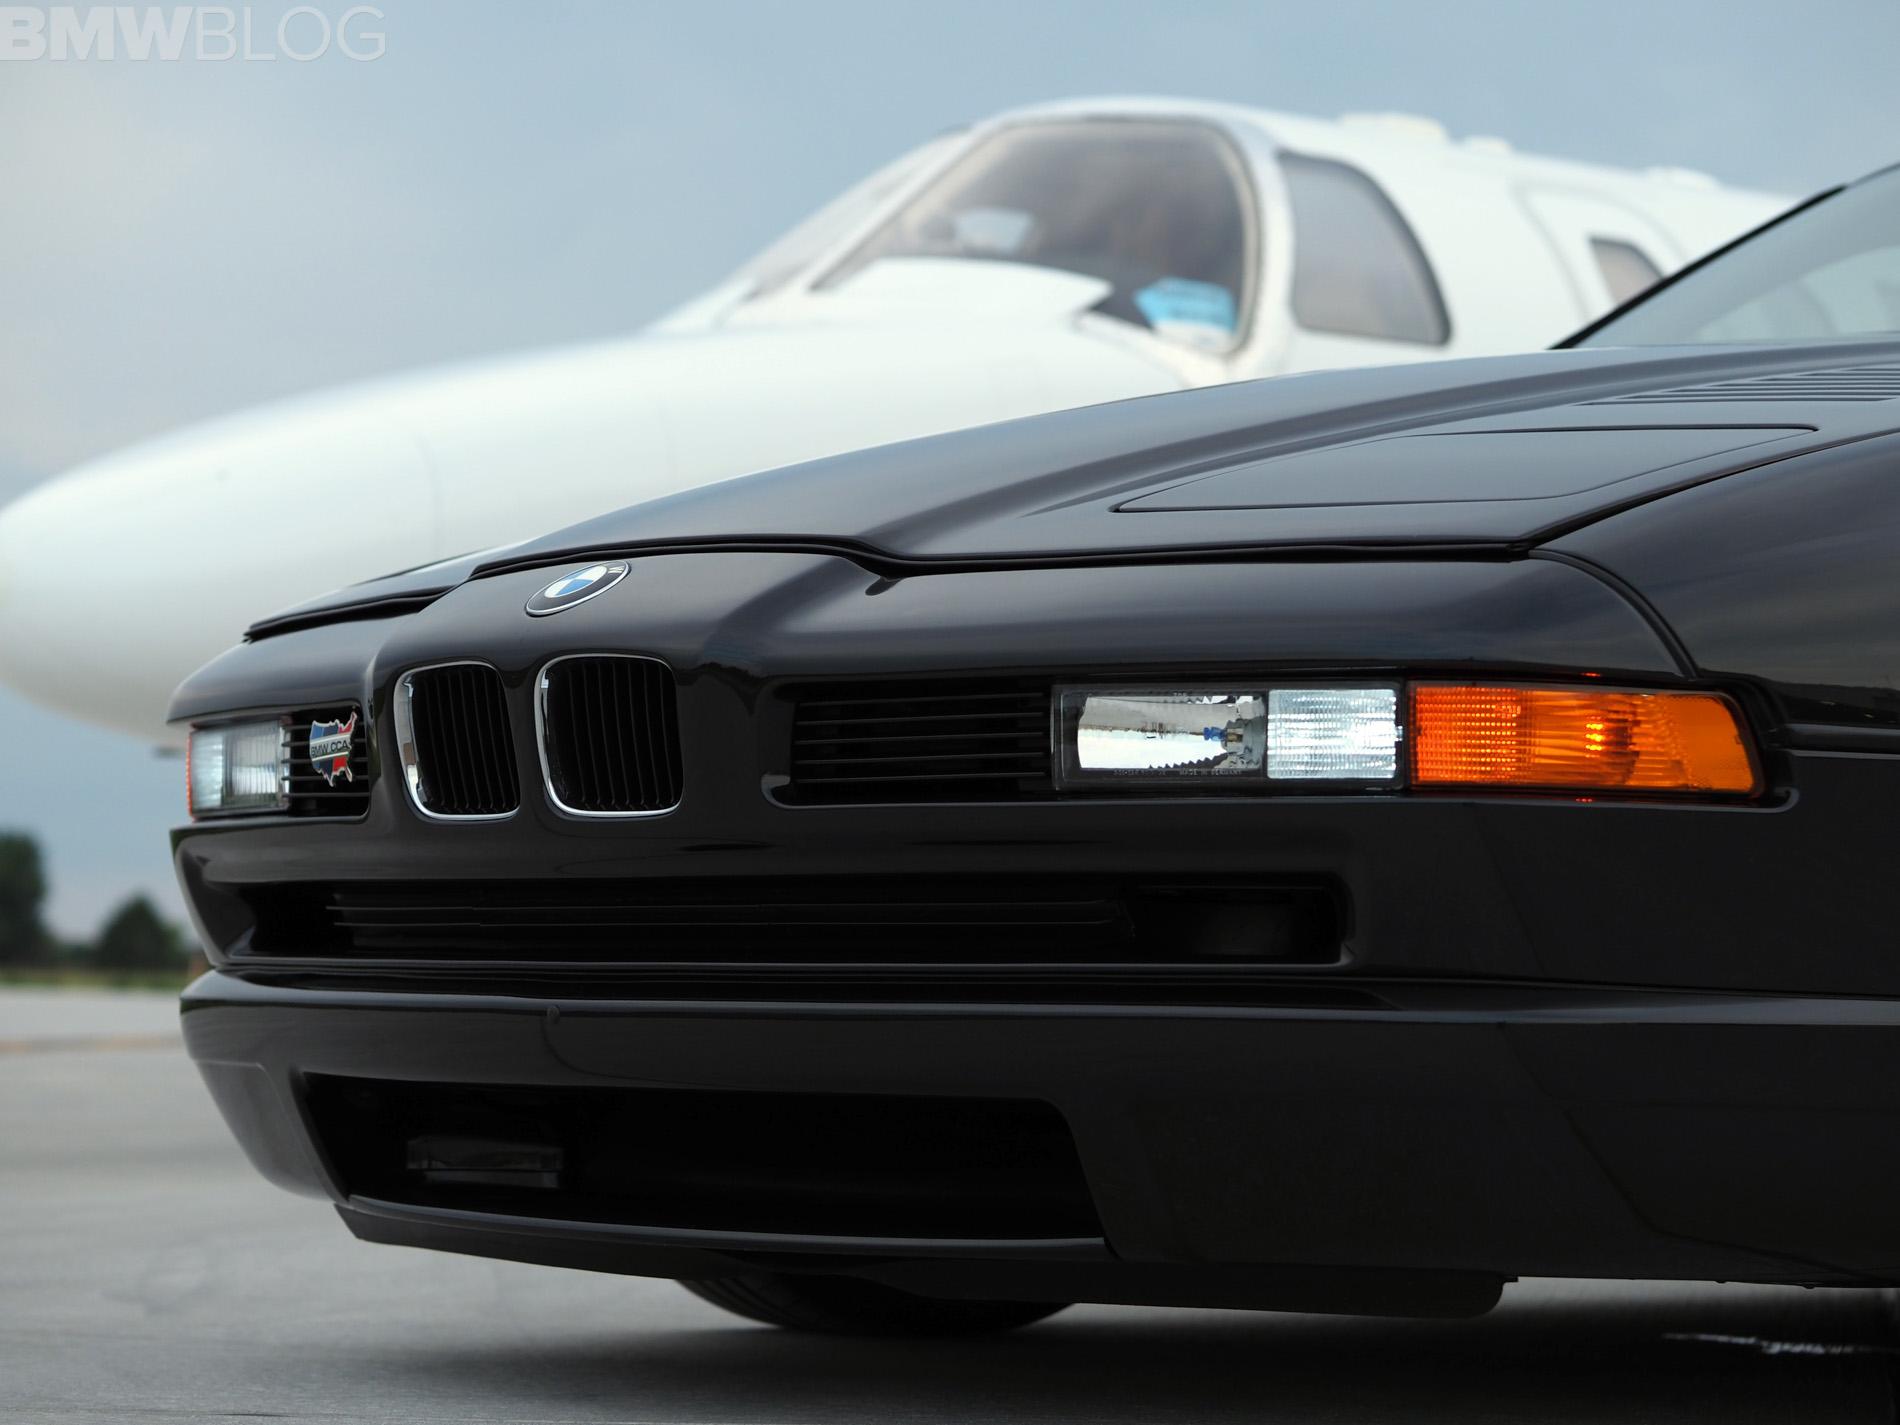 BMW E31 8 Series test drive 3